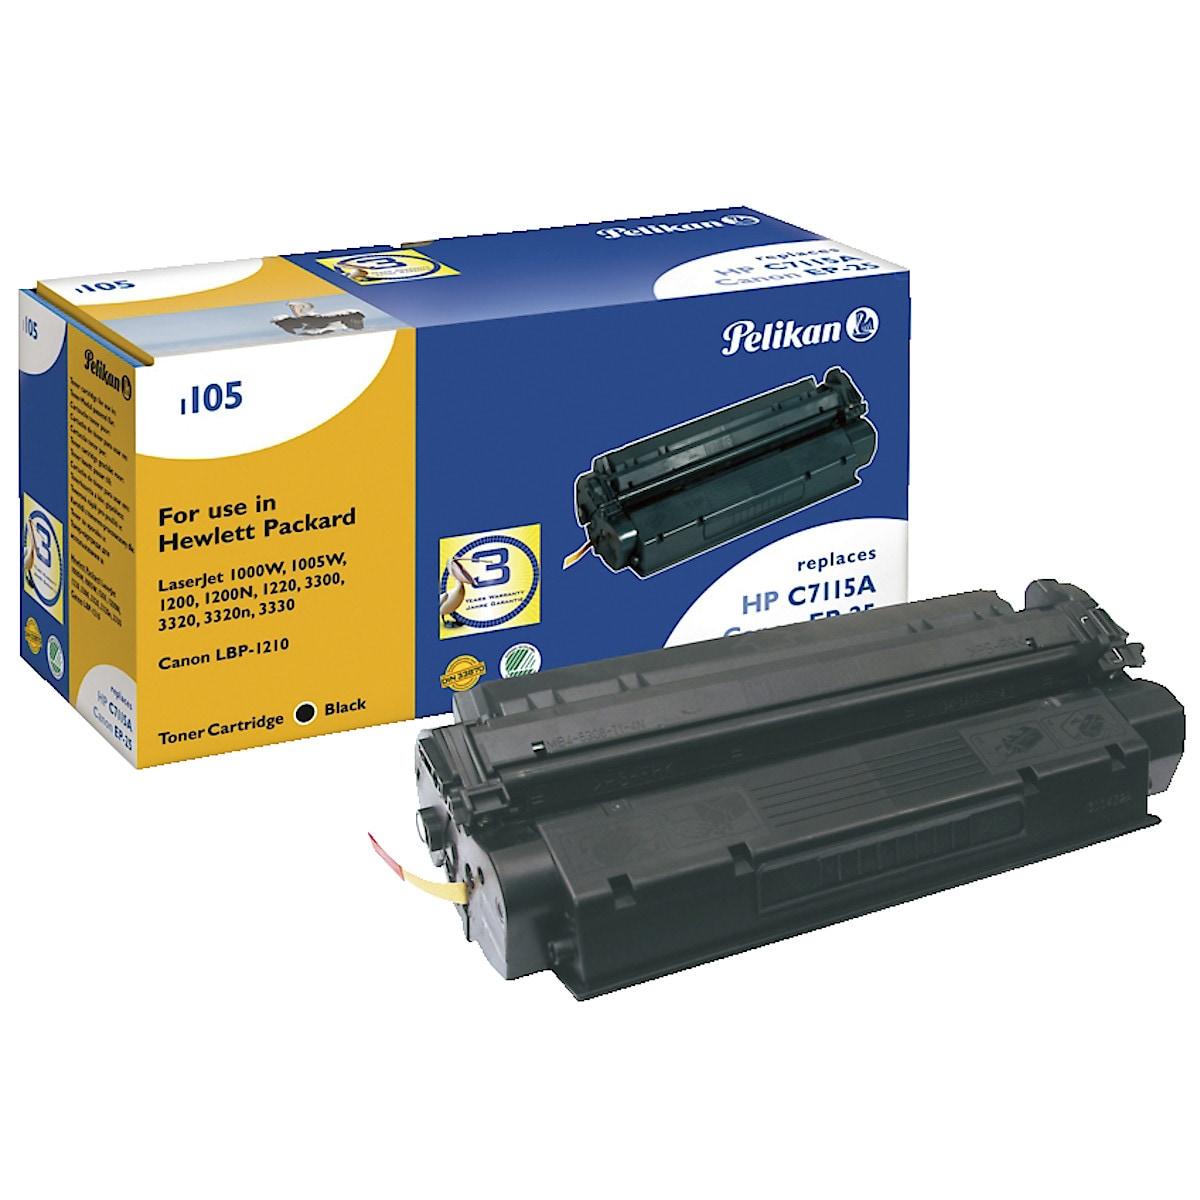 HP LaserJet 1000W/1005W/1200/1220/3300